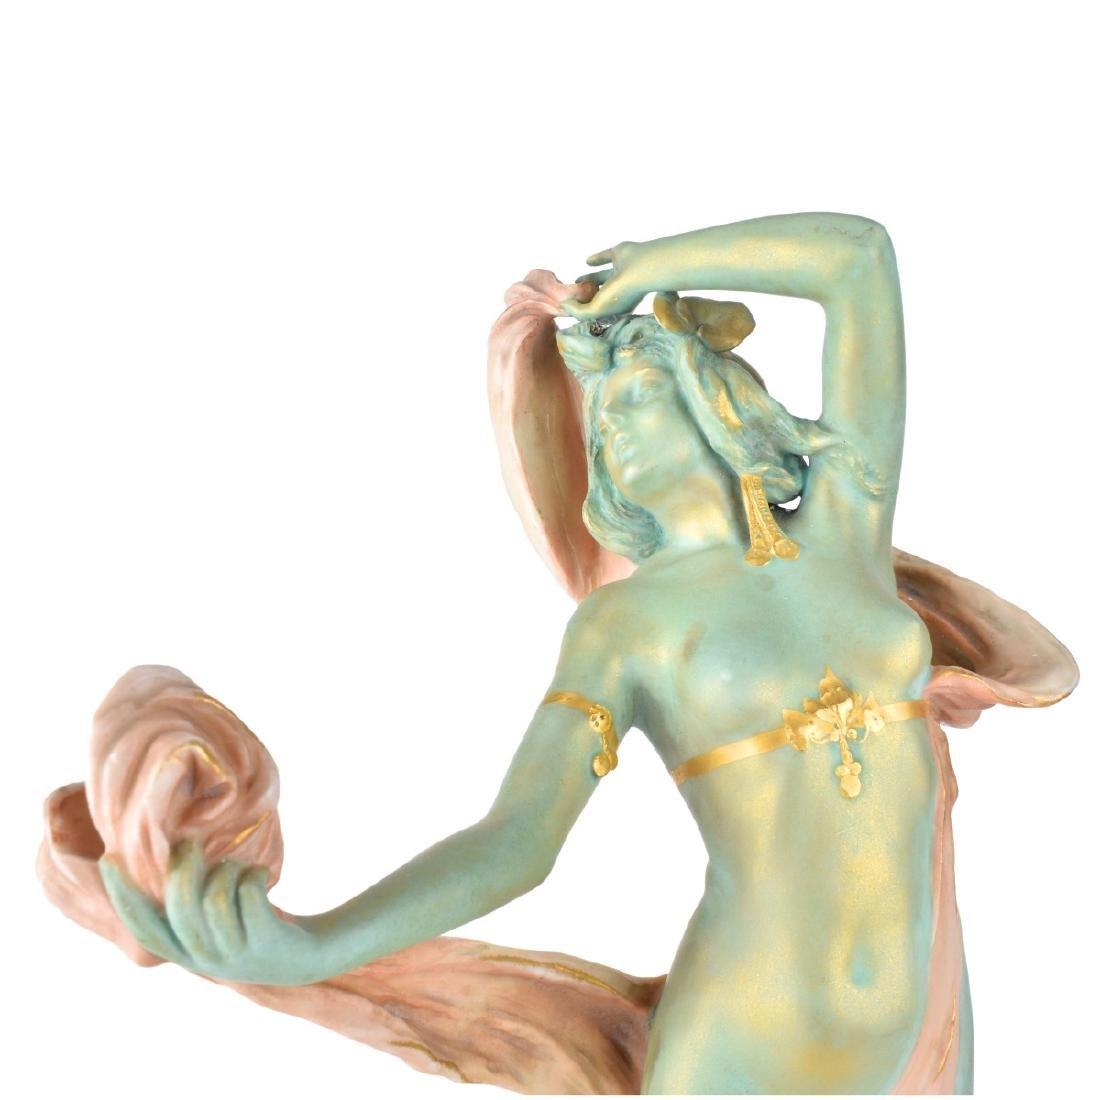 Ernst Wahliss Turn Vienna Porcelain Figurine - 3